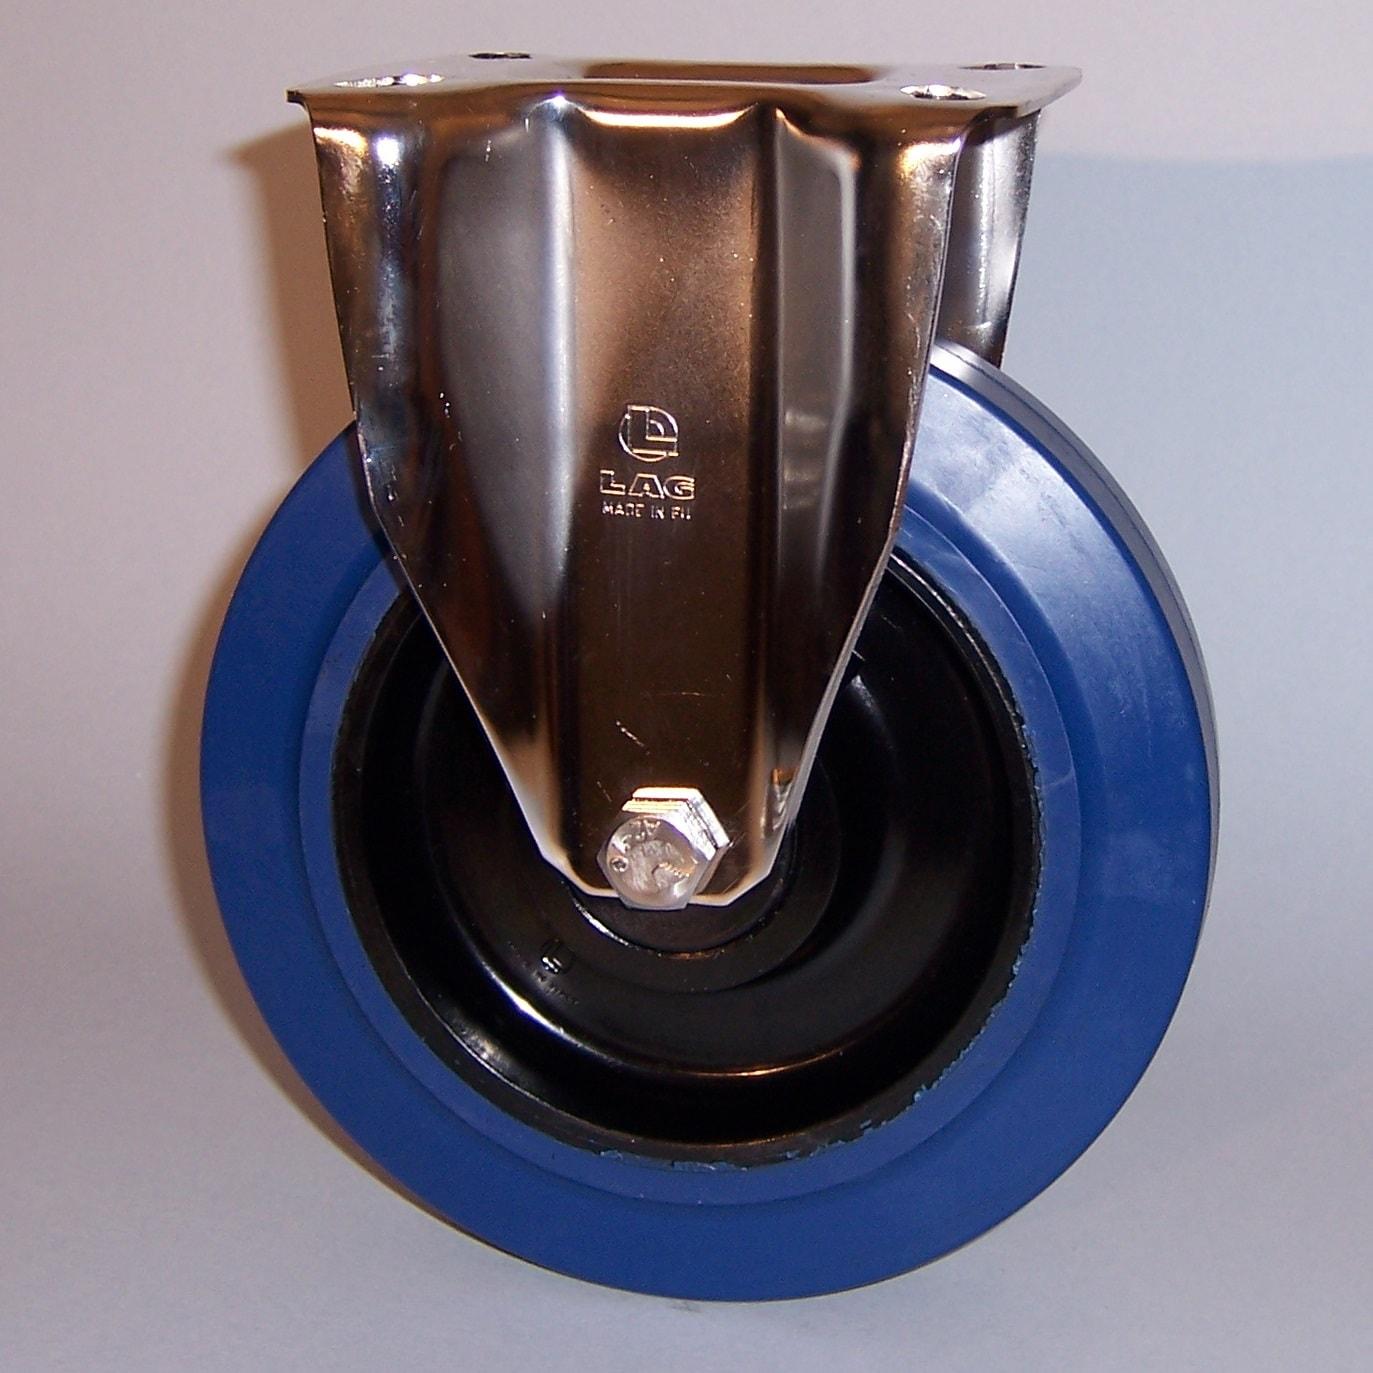 Ruote serie LB con supporto INOX20 Ruote in gomma elastica antitraccia blu con mozzo in polyammide 6 neroo. Disponibili con cuscinetti a sfere di precisione schermati o inox a tenuta st agna; rullini standard o inox o a foro passante. Organo di rotolamento: cuscinetto a rullini inox.